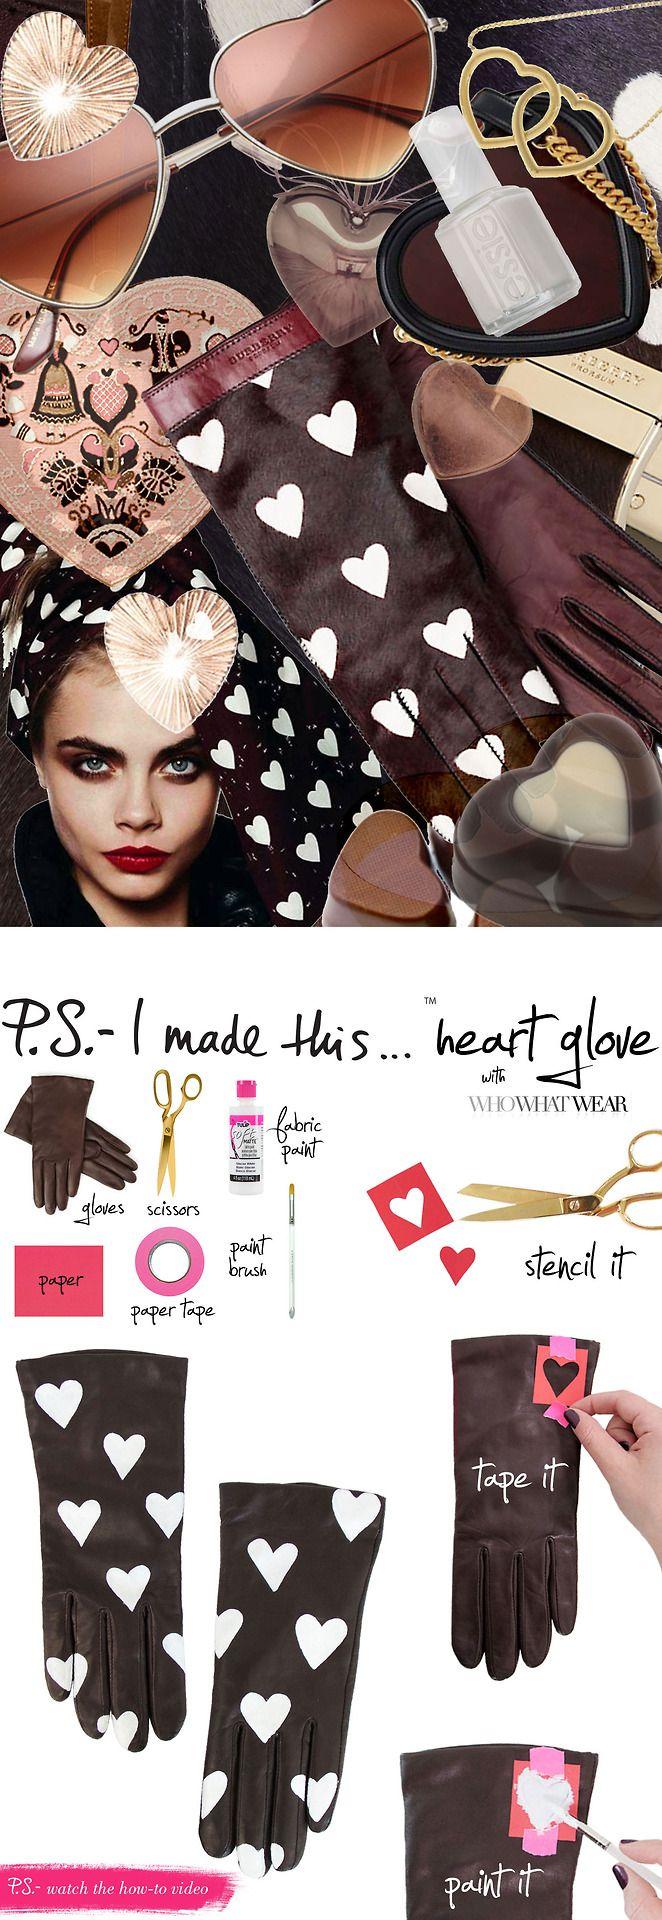 DIY heart gloves